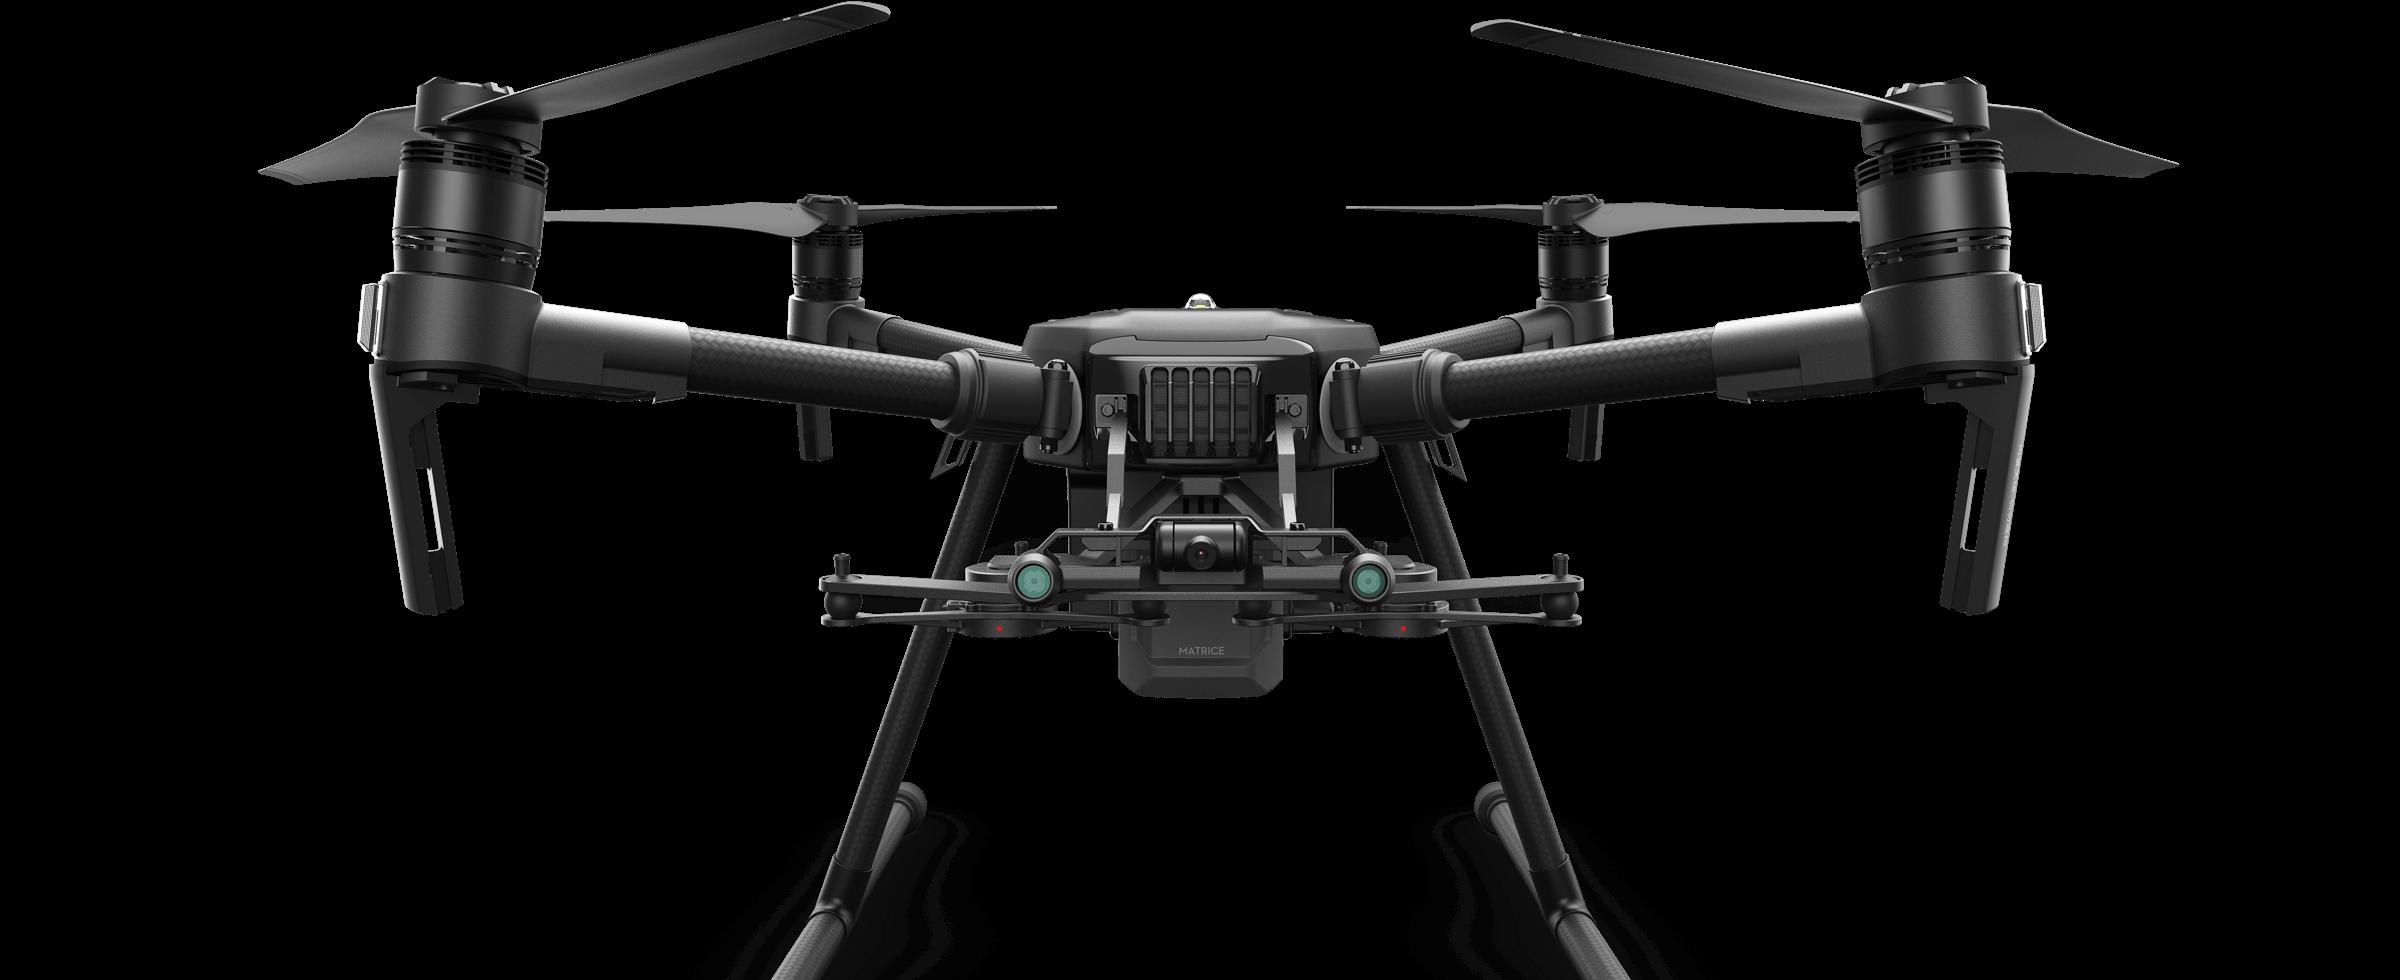 大疆創新官網 | DJI - 全球無人機控制與航拍影像系統先驅